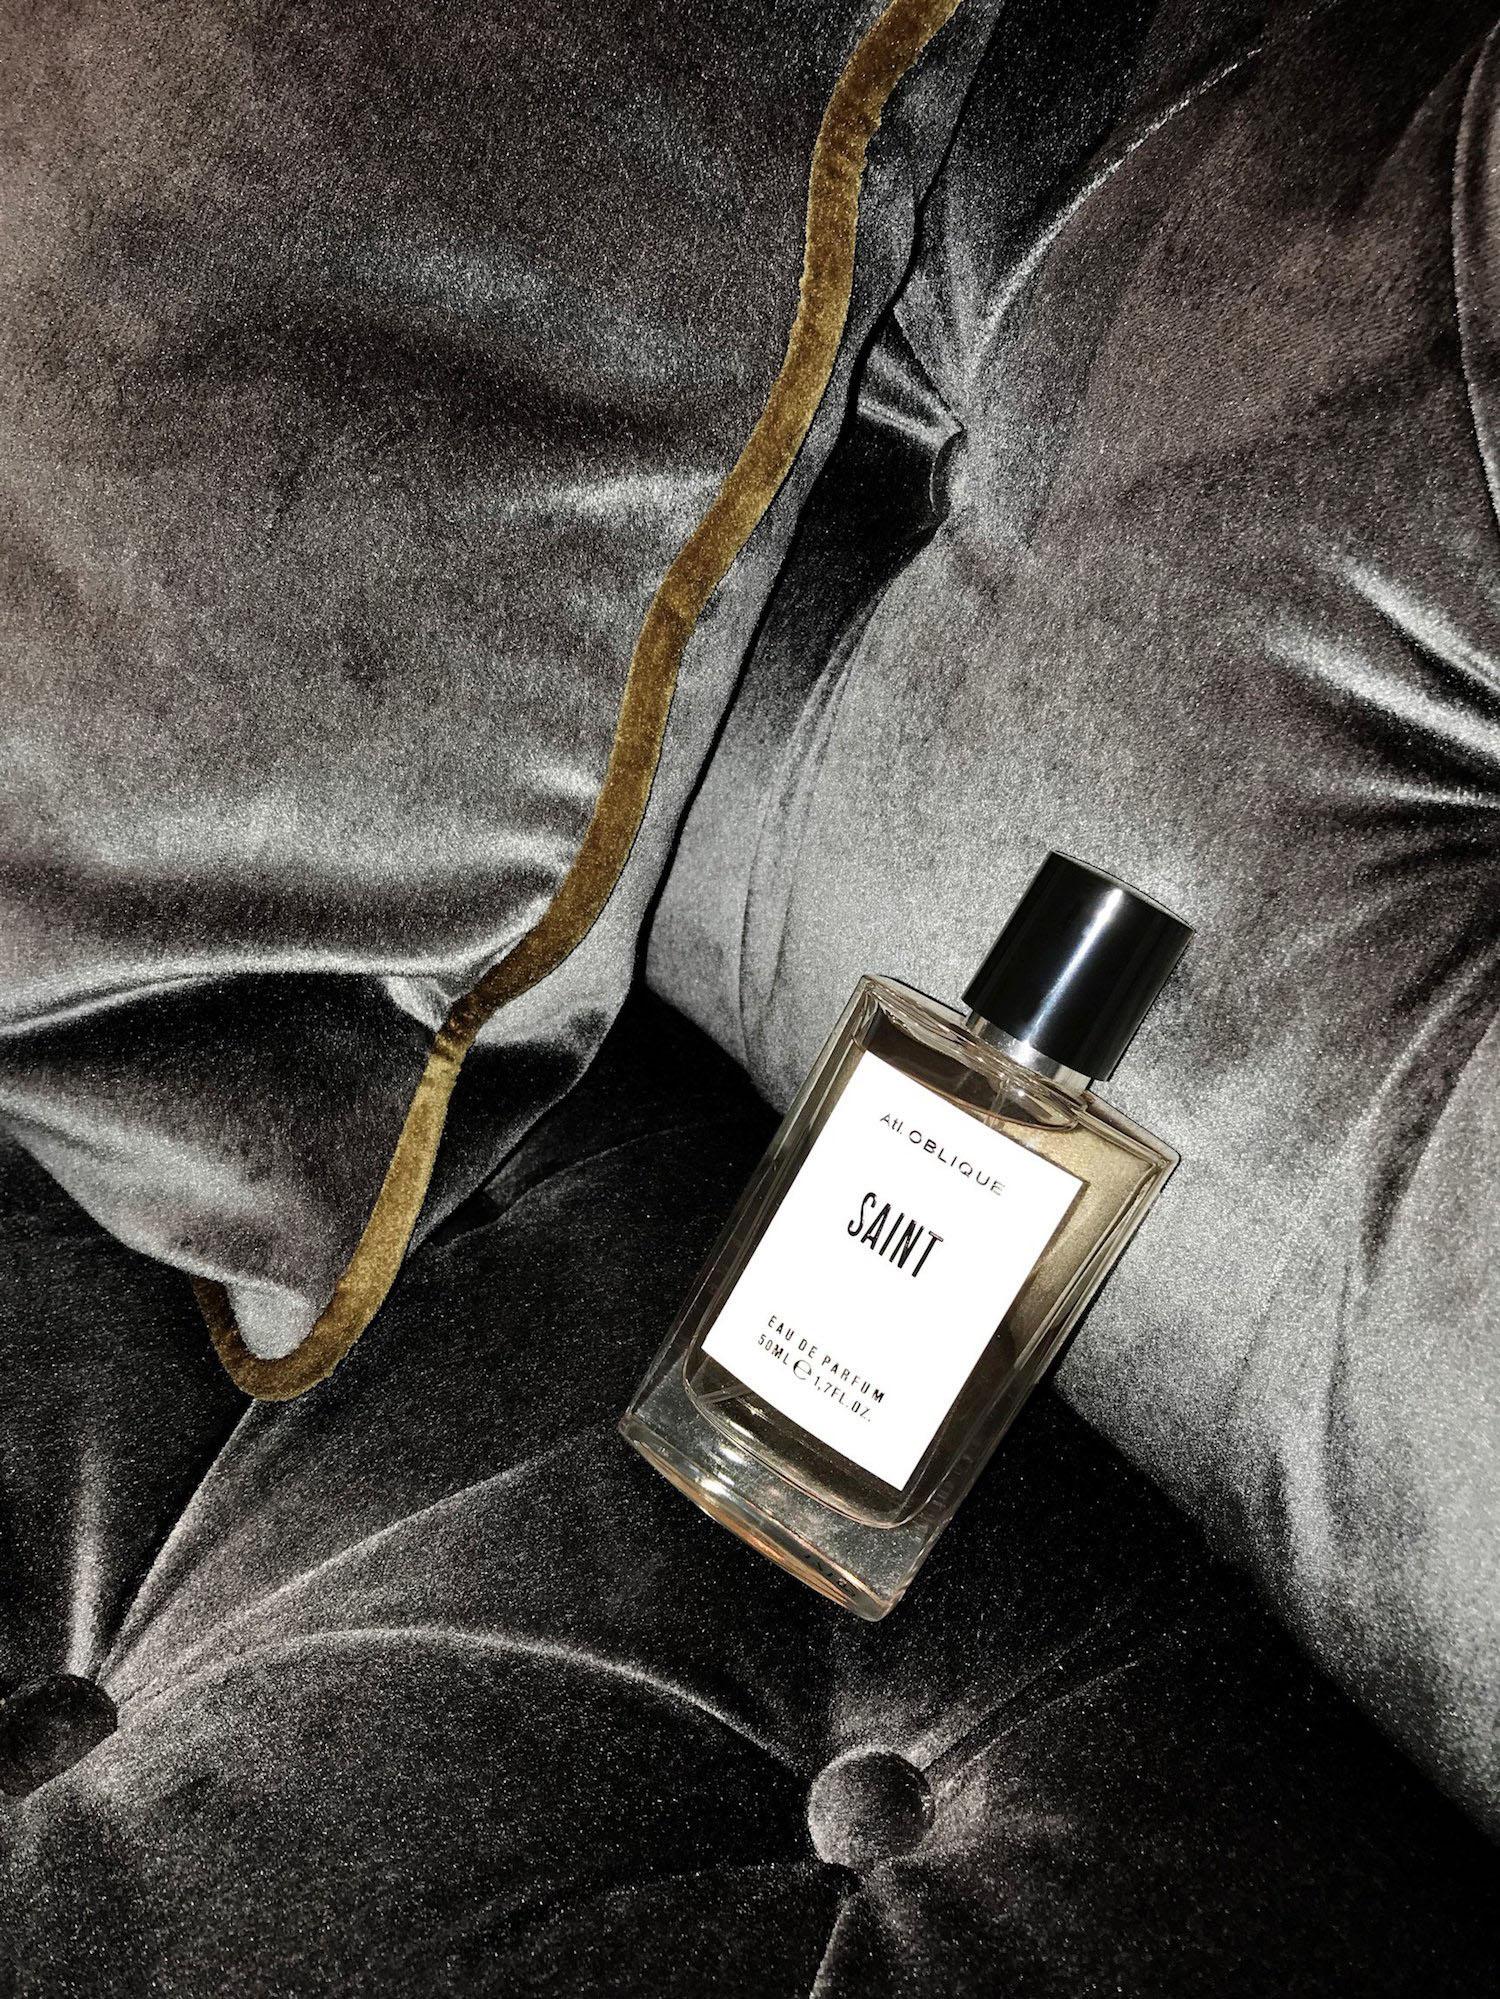 Beautyblog aus Berlin Berlin Beqauty Places Atelier Oblique Kerzen Eau de Parfum